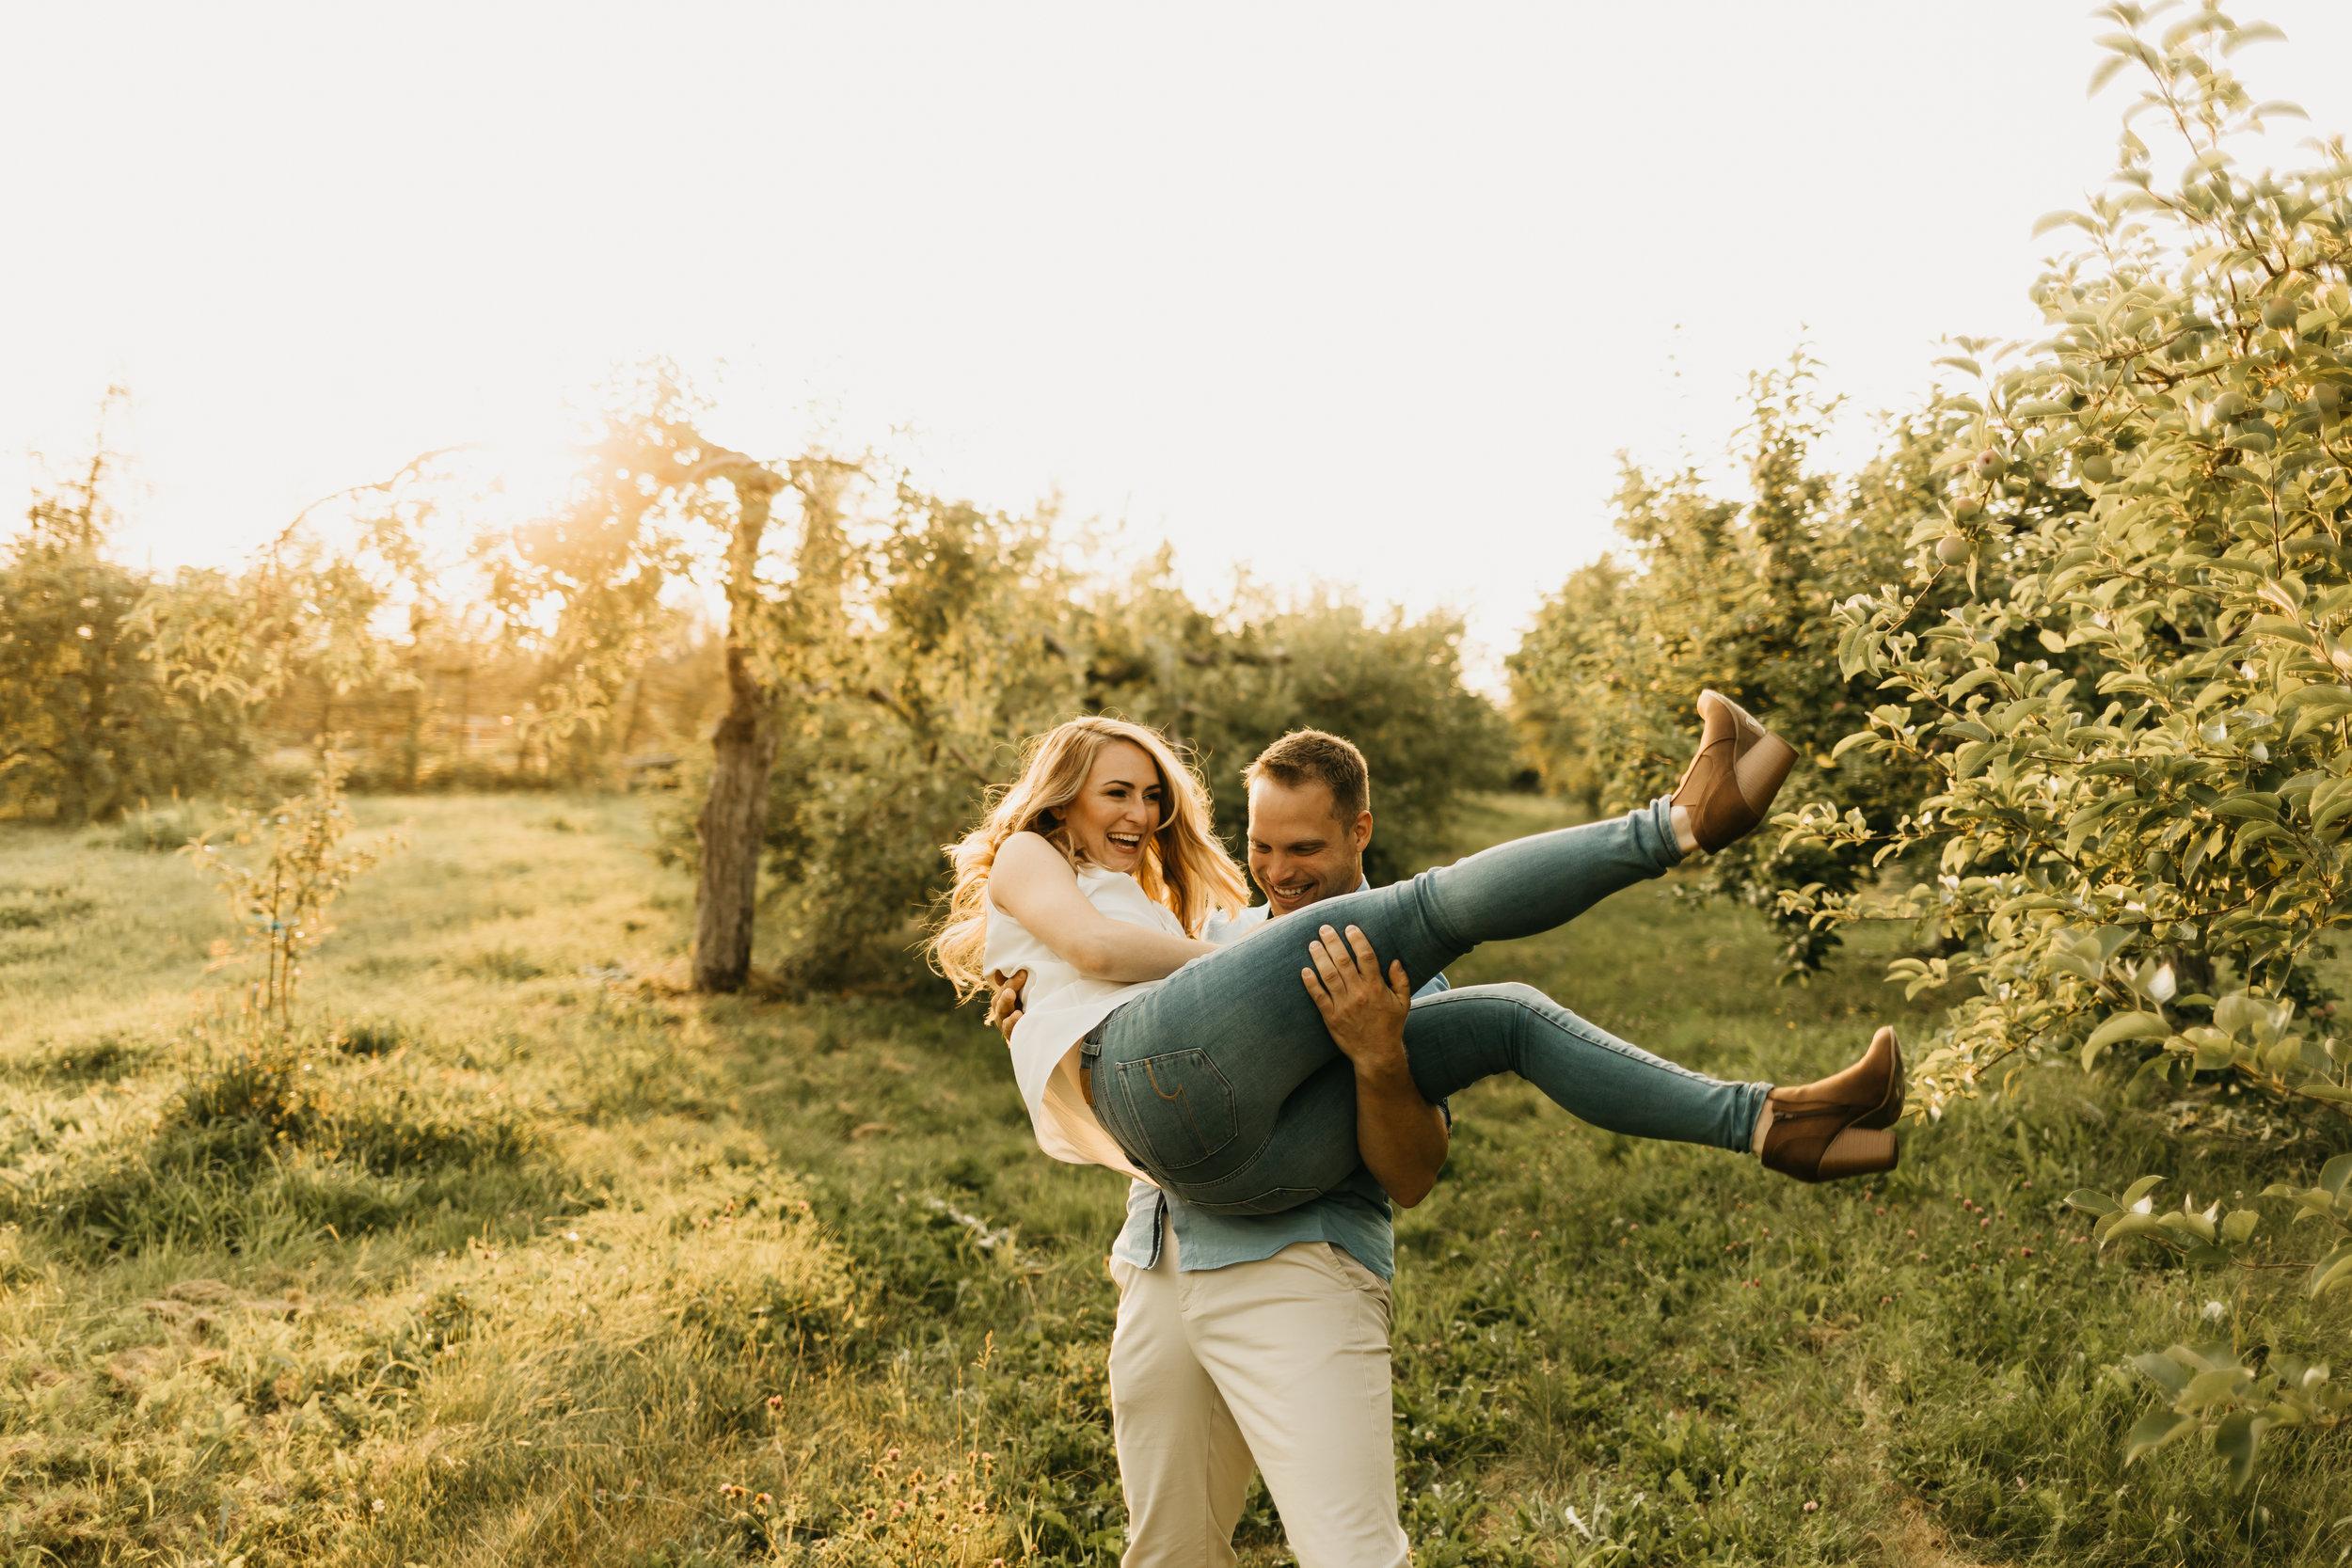 Engagement-shoot-Mont-saint-hilaire-québec-2003.jpg